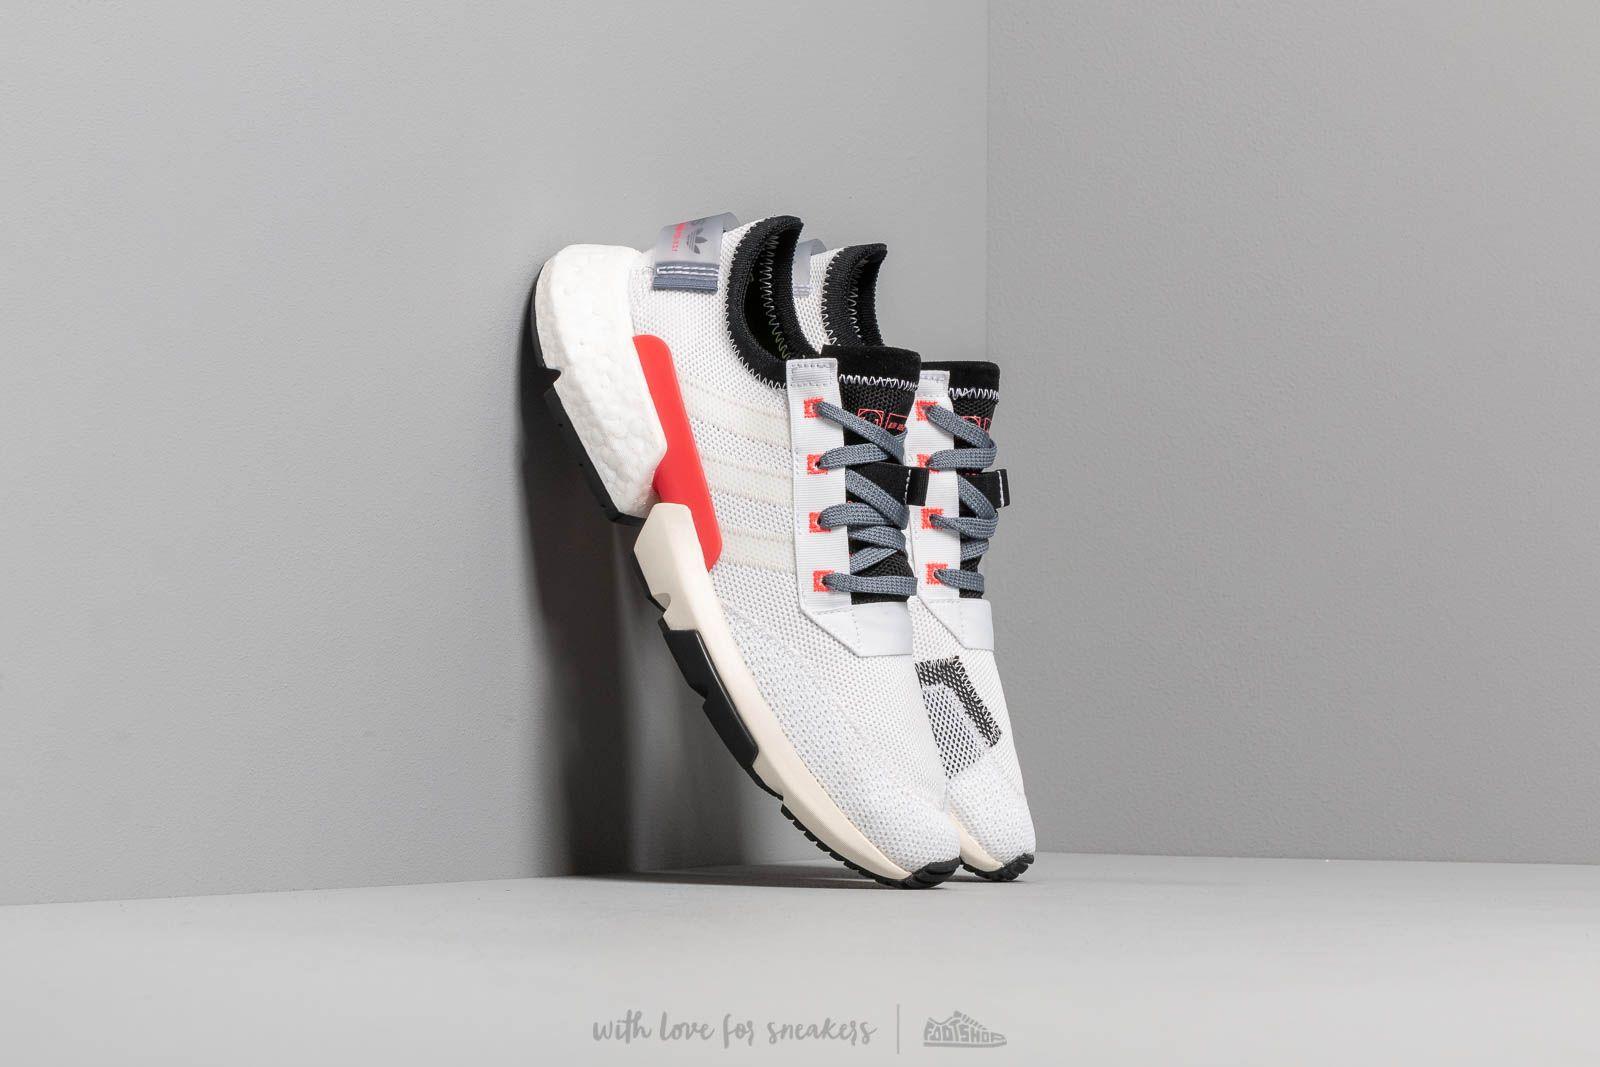 adidas POD-S3.1 Ftw White/ Ftw White/ Core Black za skvělou cenu 2 490 Kč koupíte na Footshop.cz